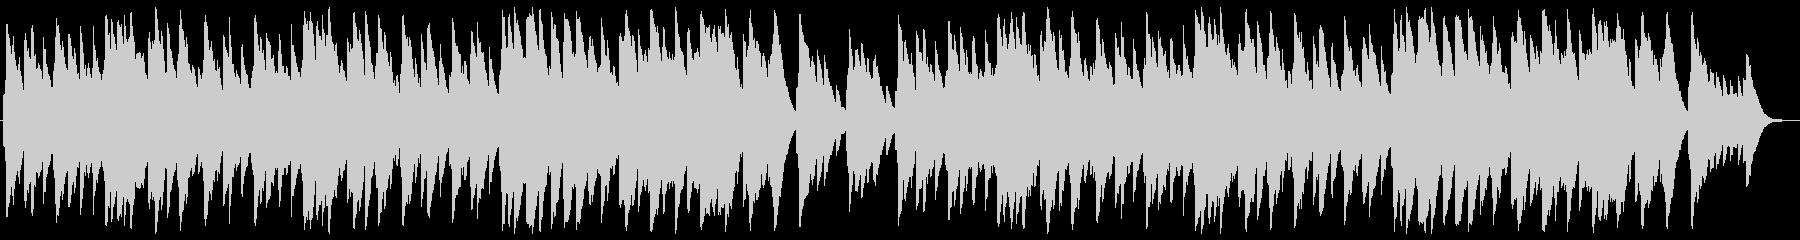 ひいらぎ飾ろう オルゴールの未再生の波形